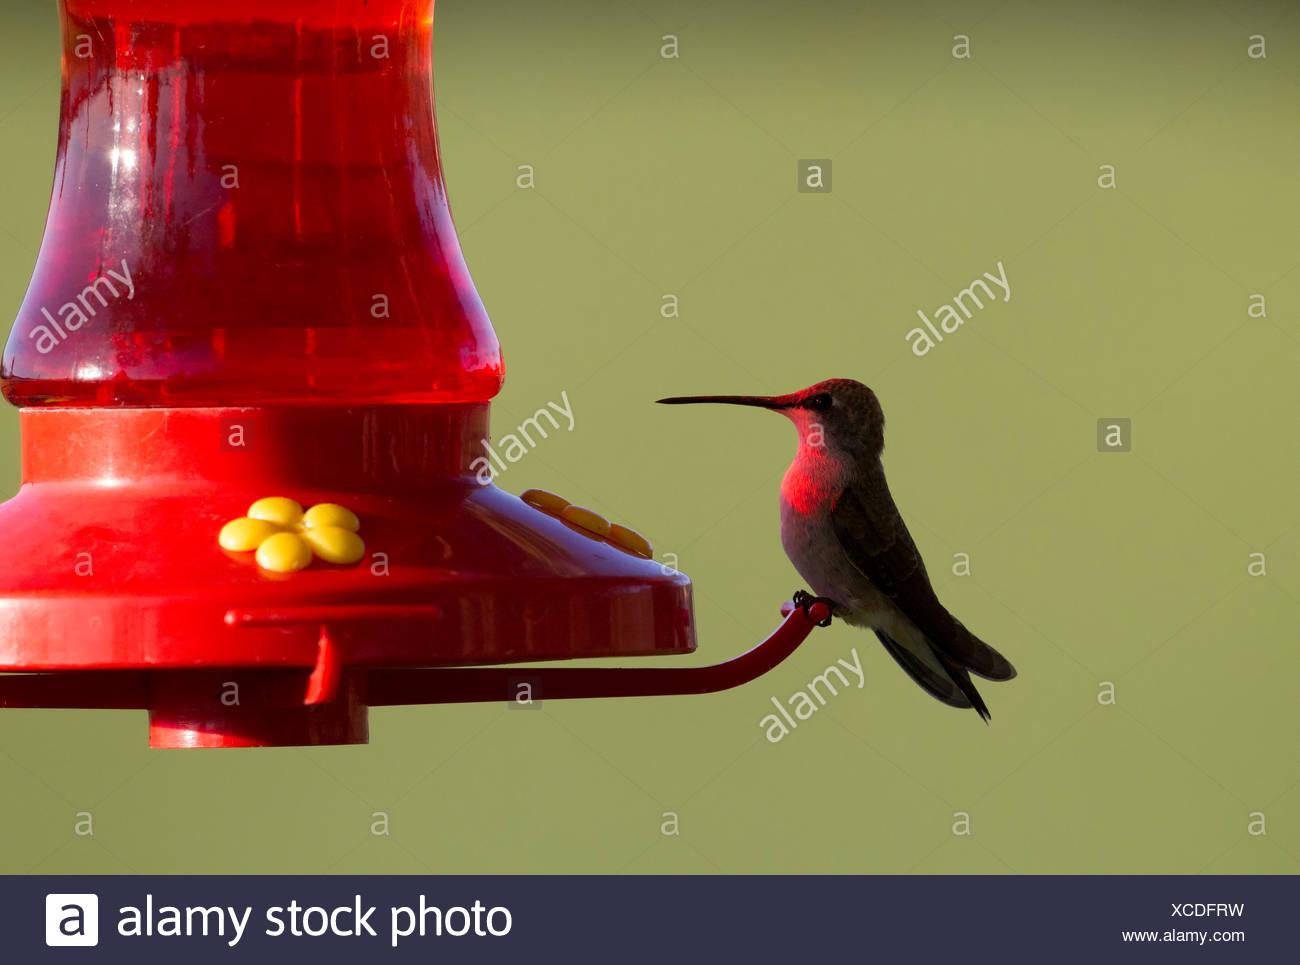 Wunderbar Kolibri Malvorlagen Zum Ausdrucken Fotos - Beispiel ...